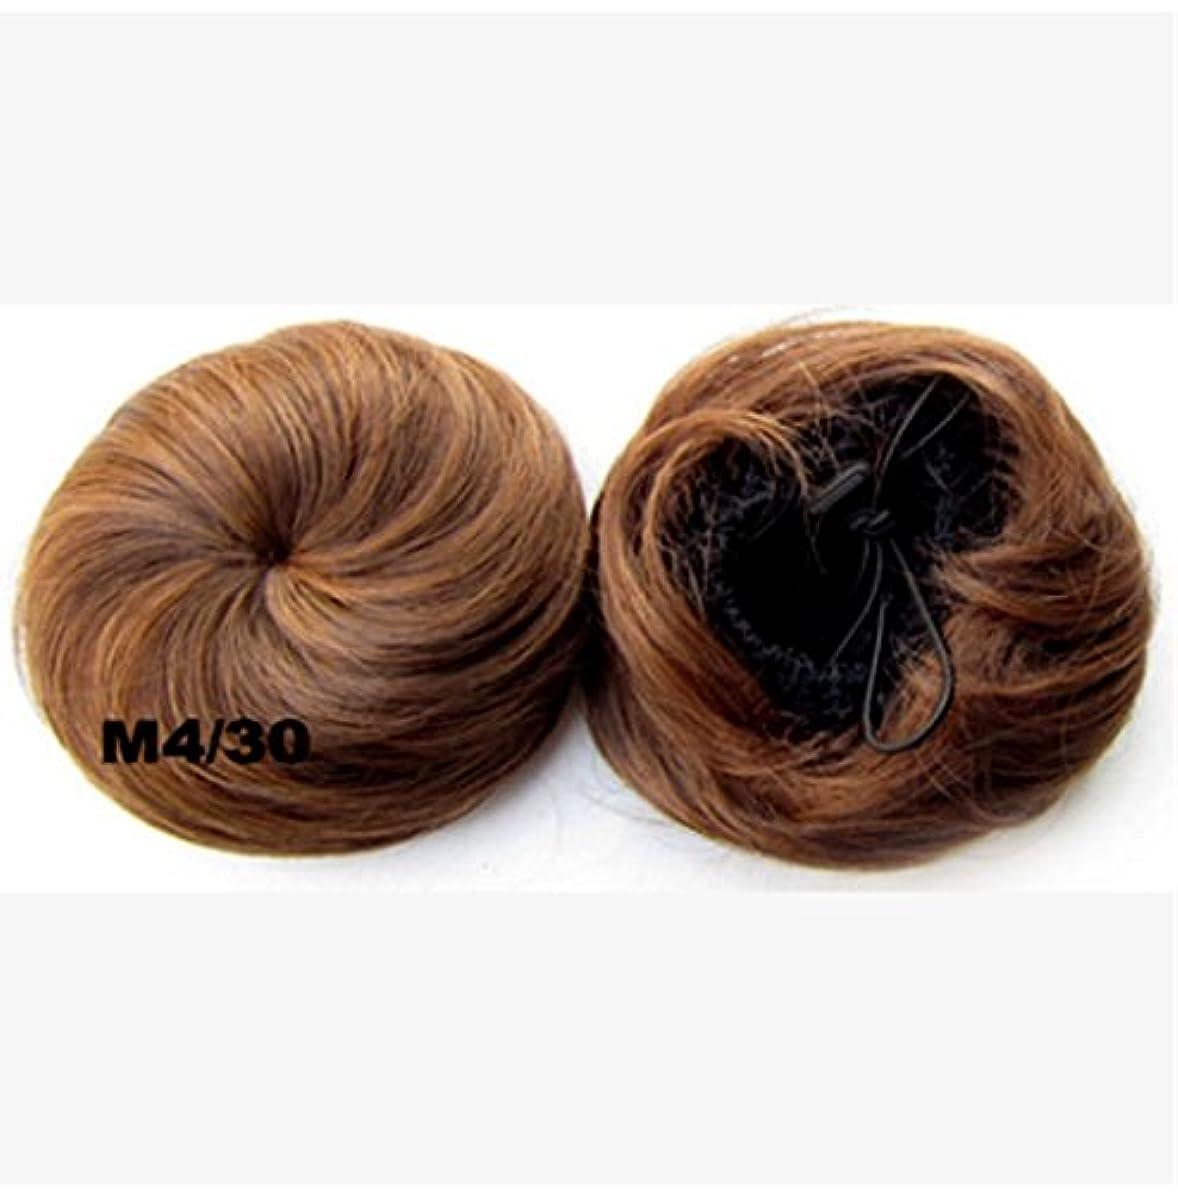 変える単位同様にKoloeplf 色の選択の様々なヘアバンの拡張自然な通常のミートボールヘアウィッグとヘアバッグ (Color : 金色)